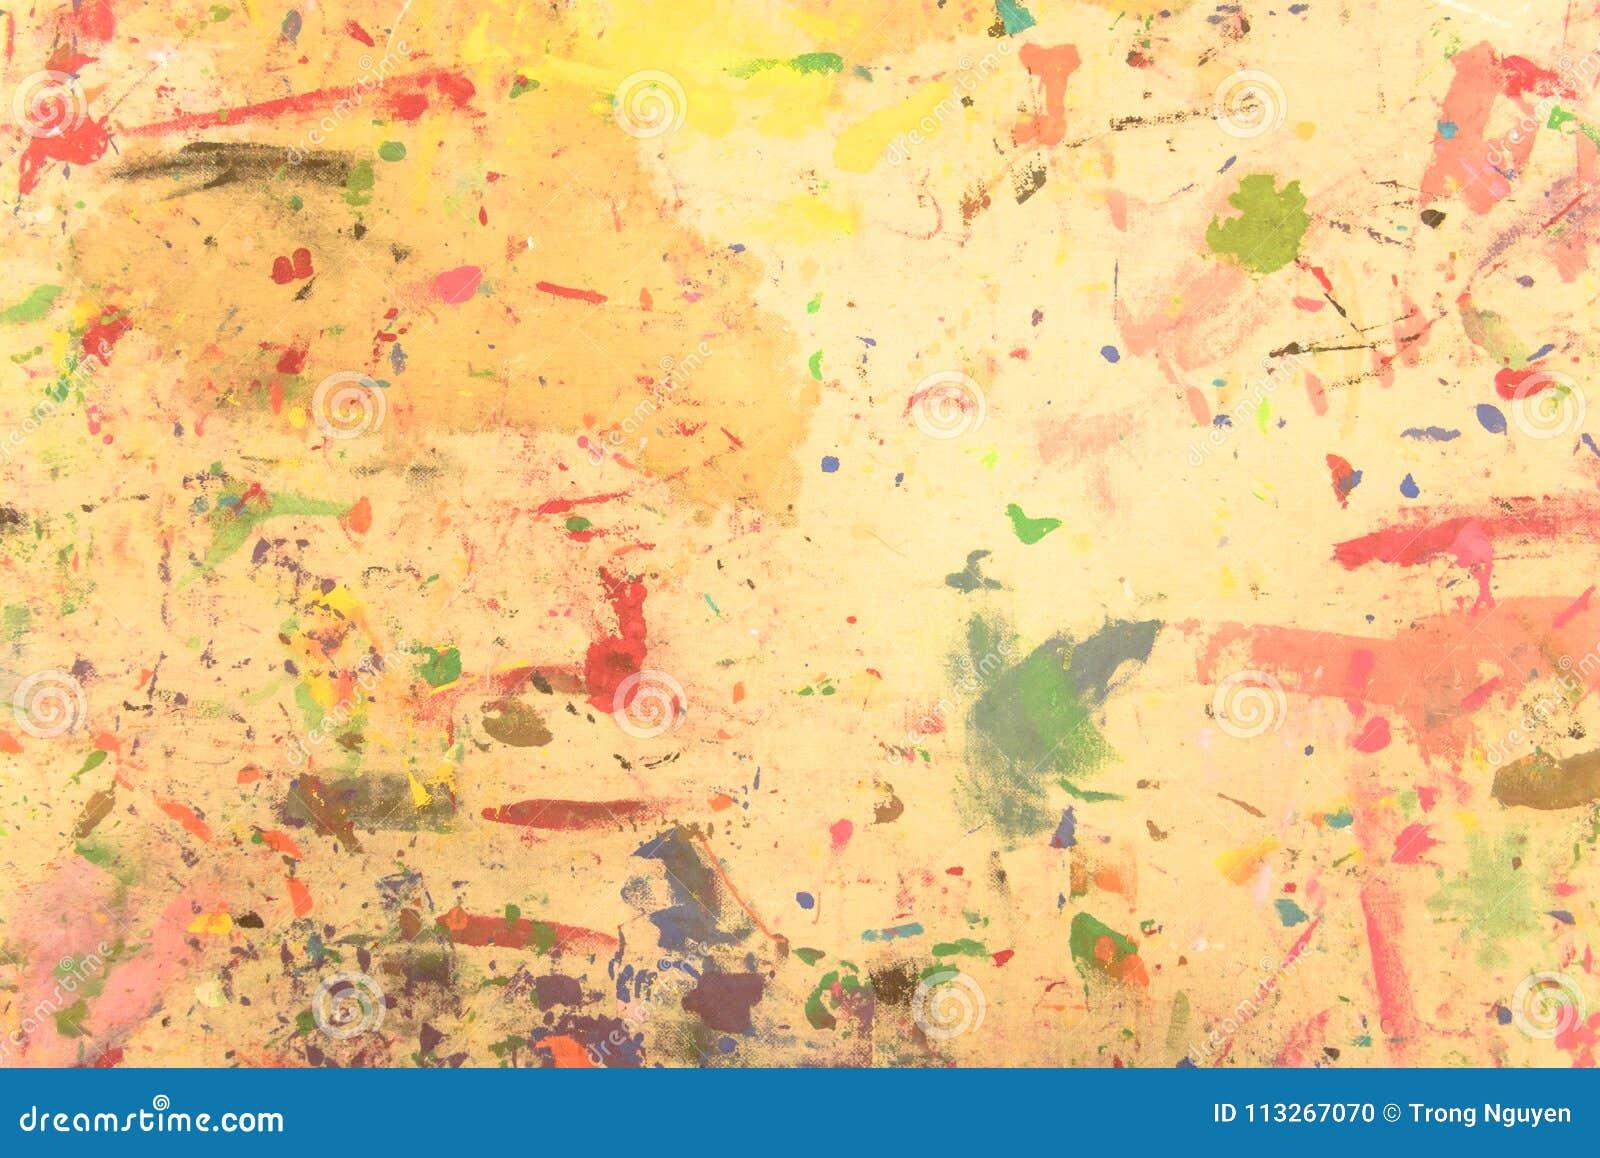 Αφηρημένο ακρυλικό χέρι grunge που χρωματίζεται στο υπόβαθρο καμβά